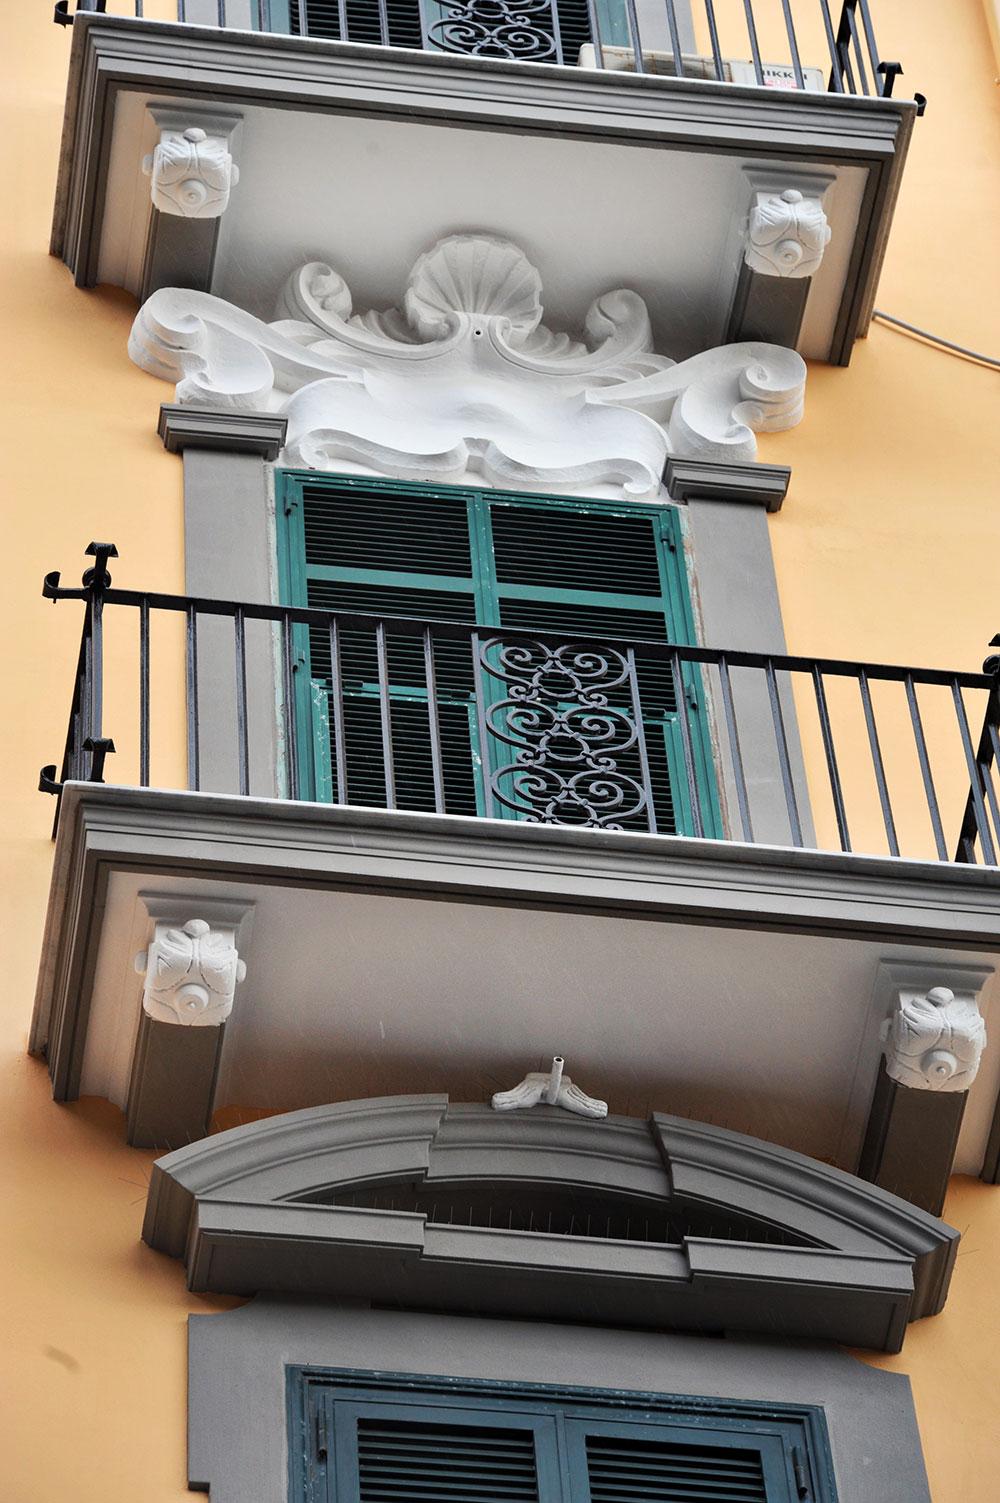 700 1893 newcoming polistirolo espanso for Riproduzioni design